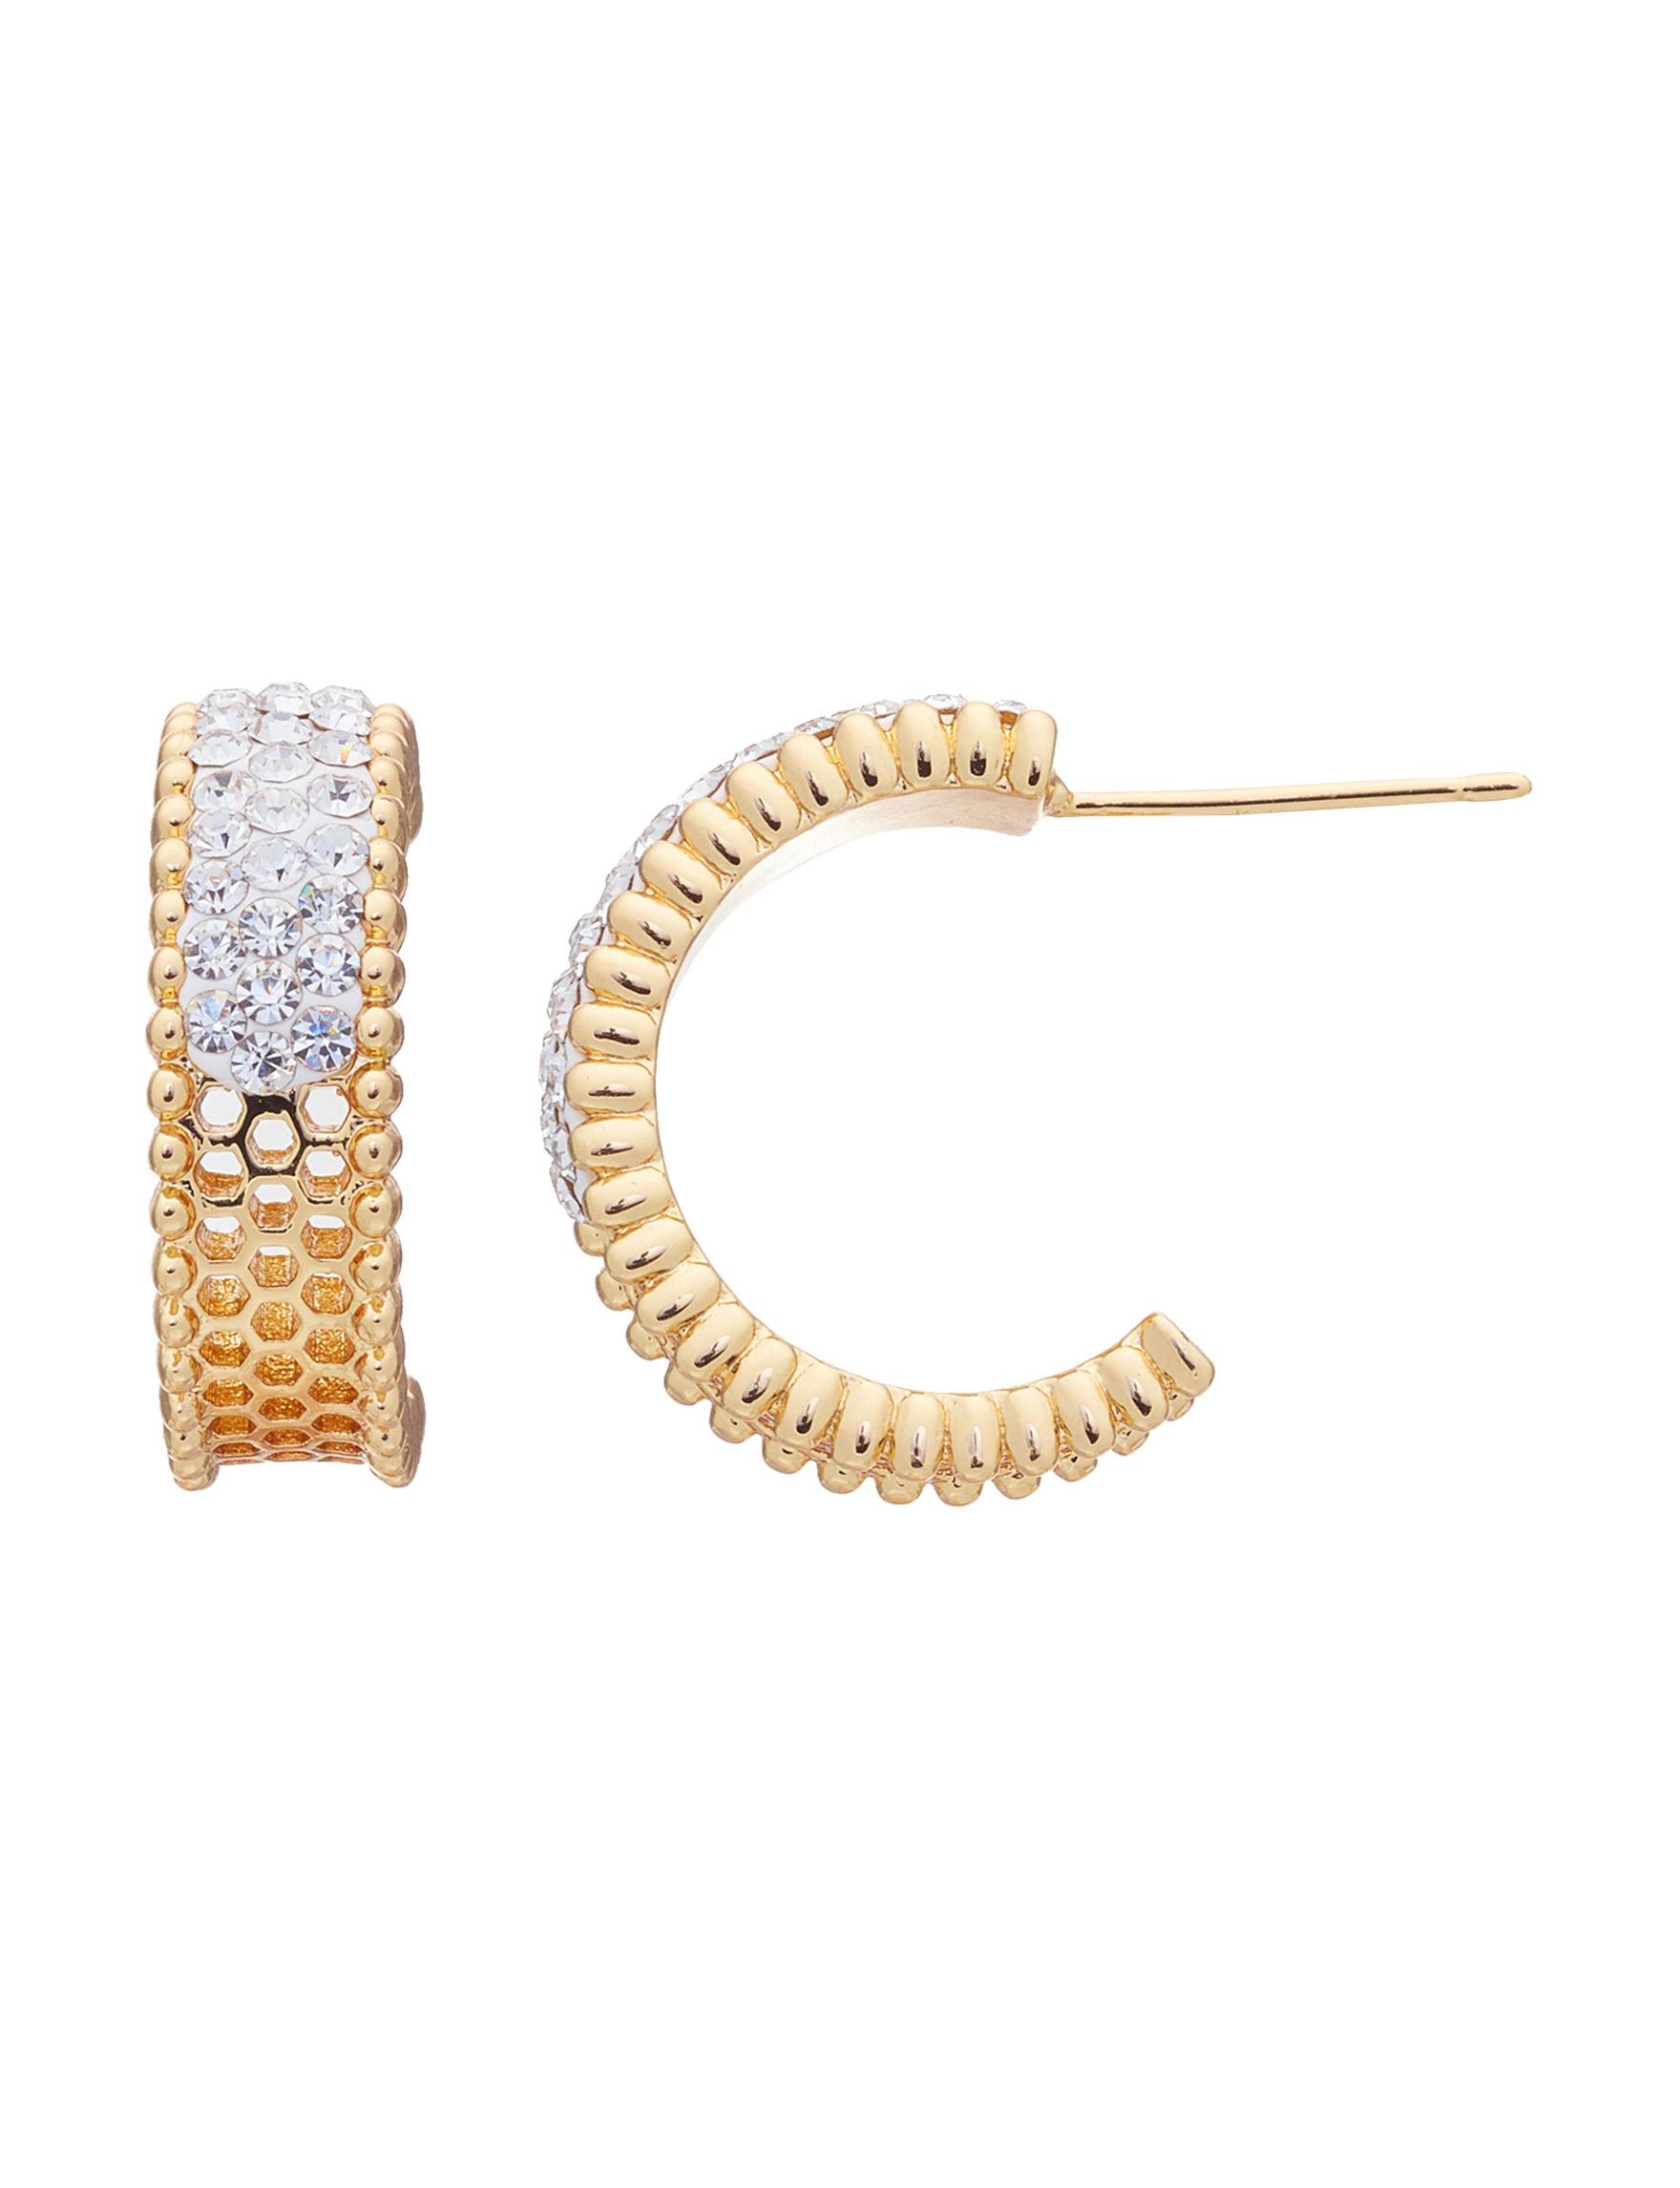 Marsala Gold / Crystal Hoops Earrings Fine Jewelry